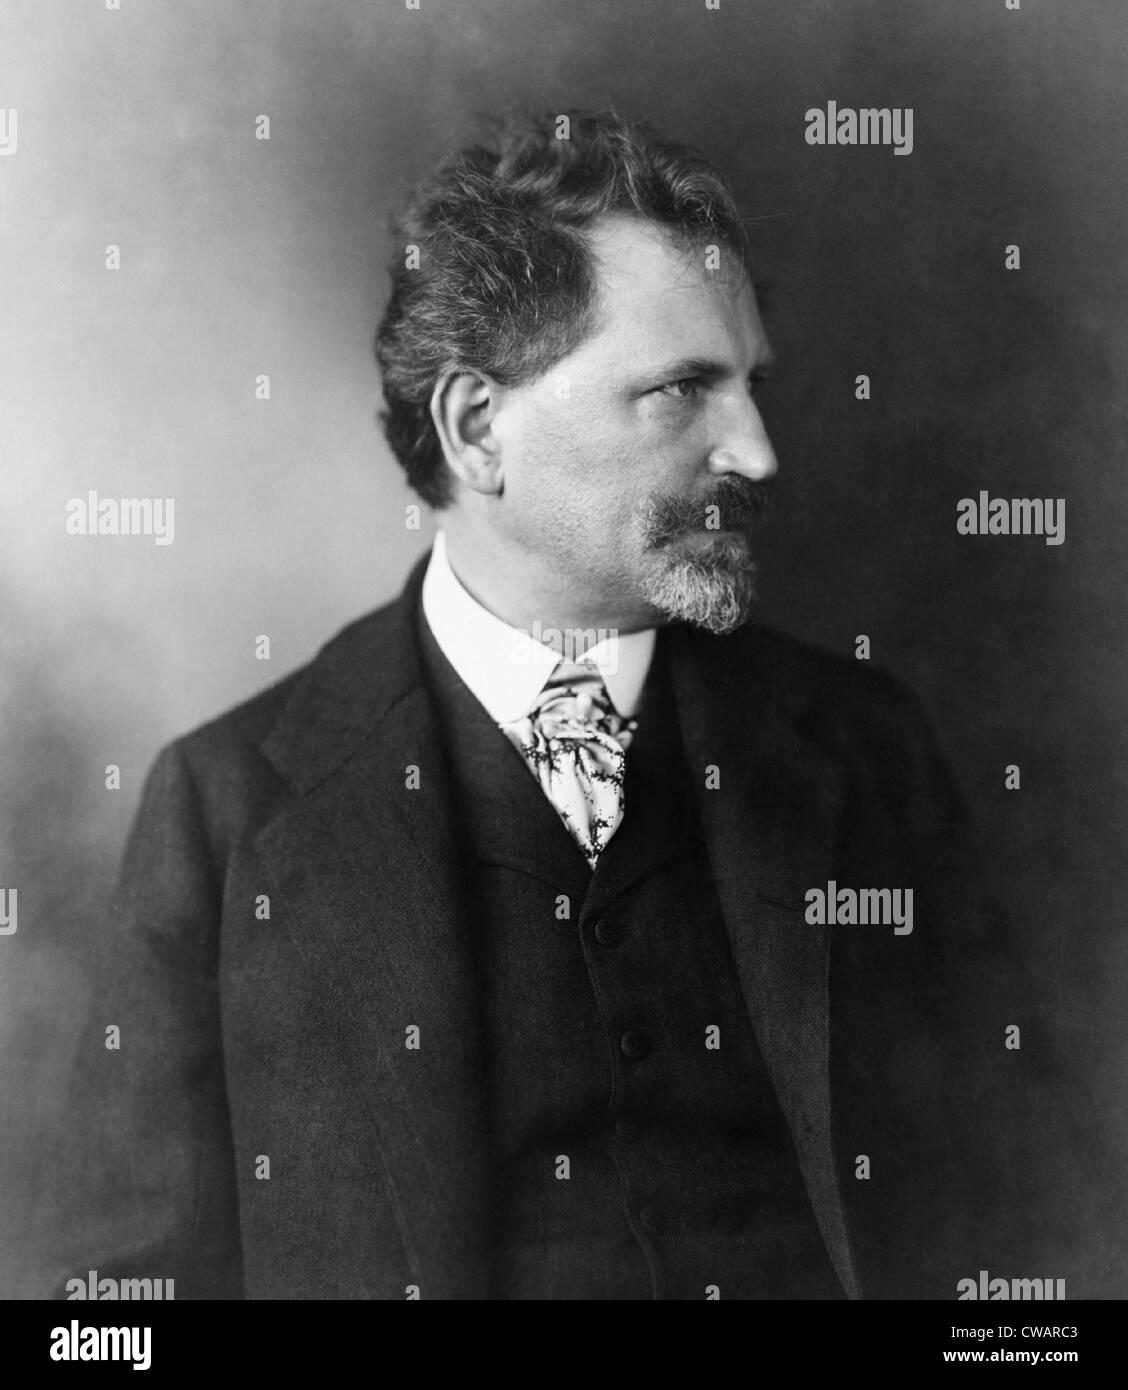 Alphonse Mucha (1860-1939), Czech art nouveau painter and poster designer. Stock Photo